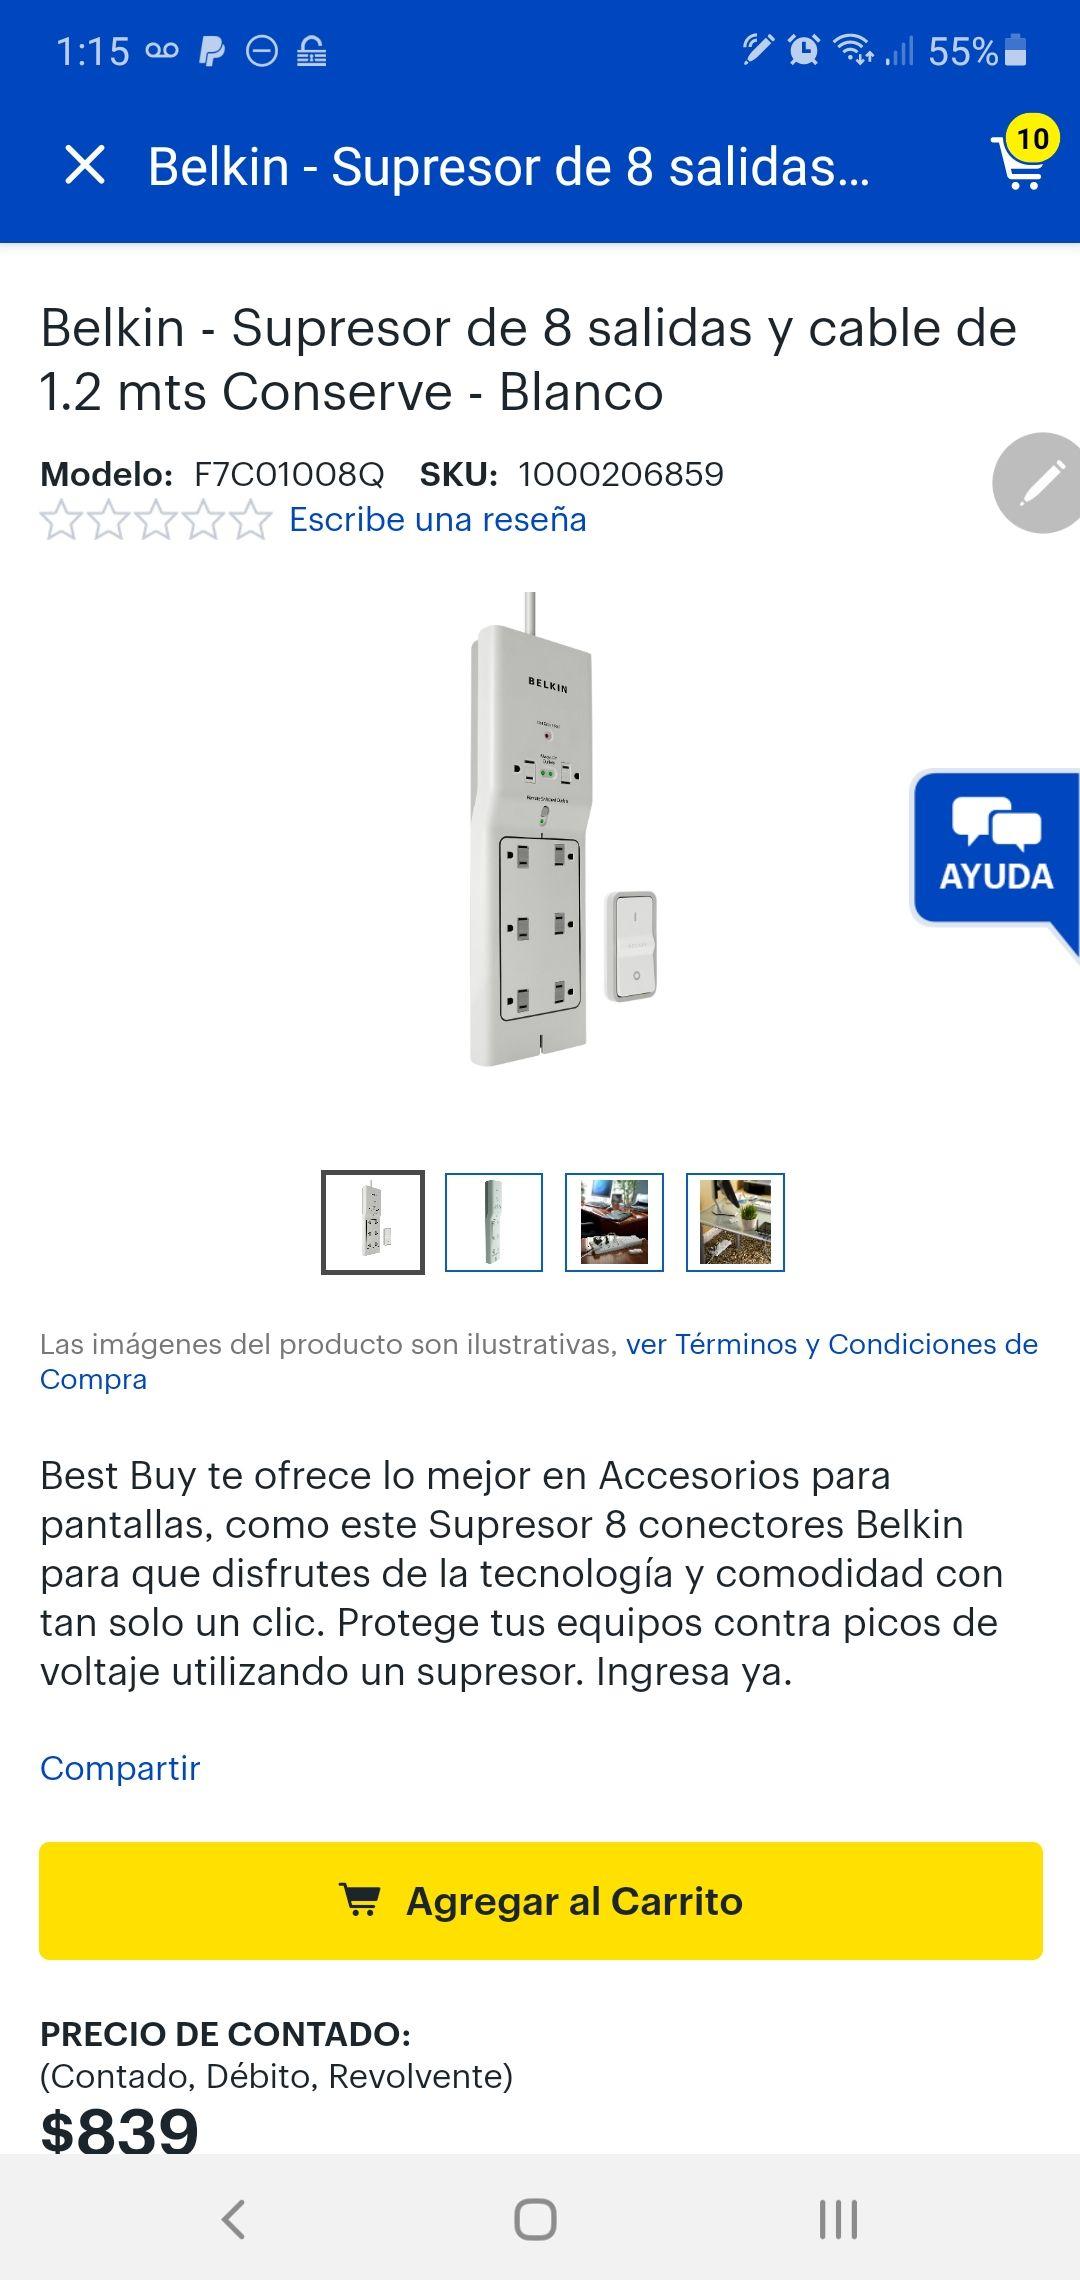 BEST BUY Belkin - Supresor de 8 salidas a control remoto y cable de 1.2 mts Conserve - Blanco